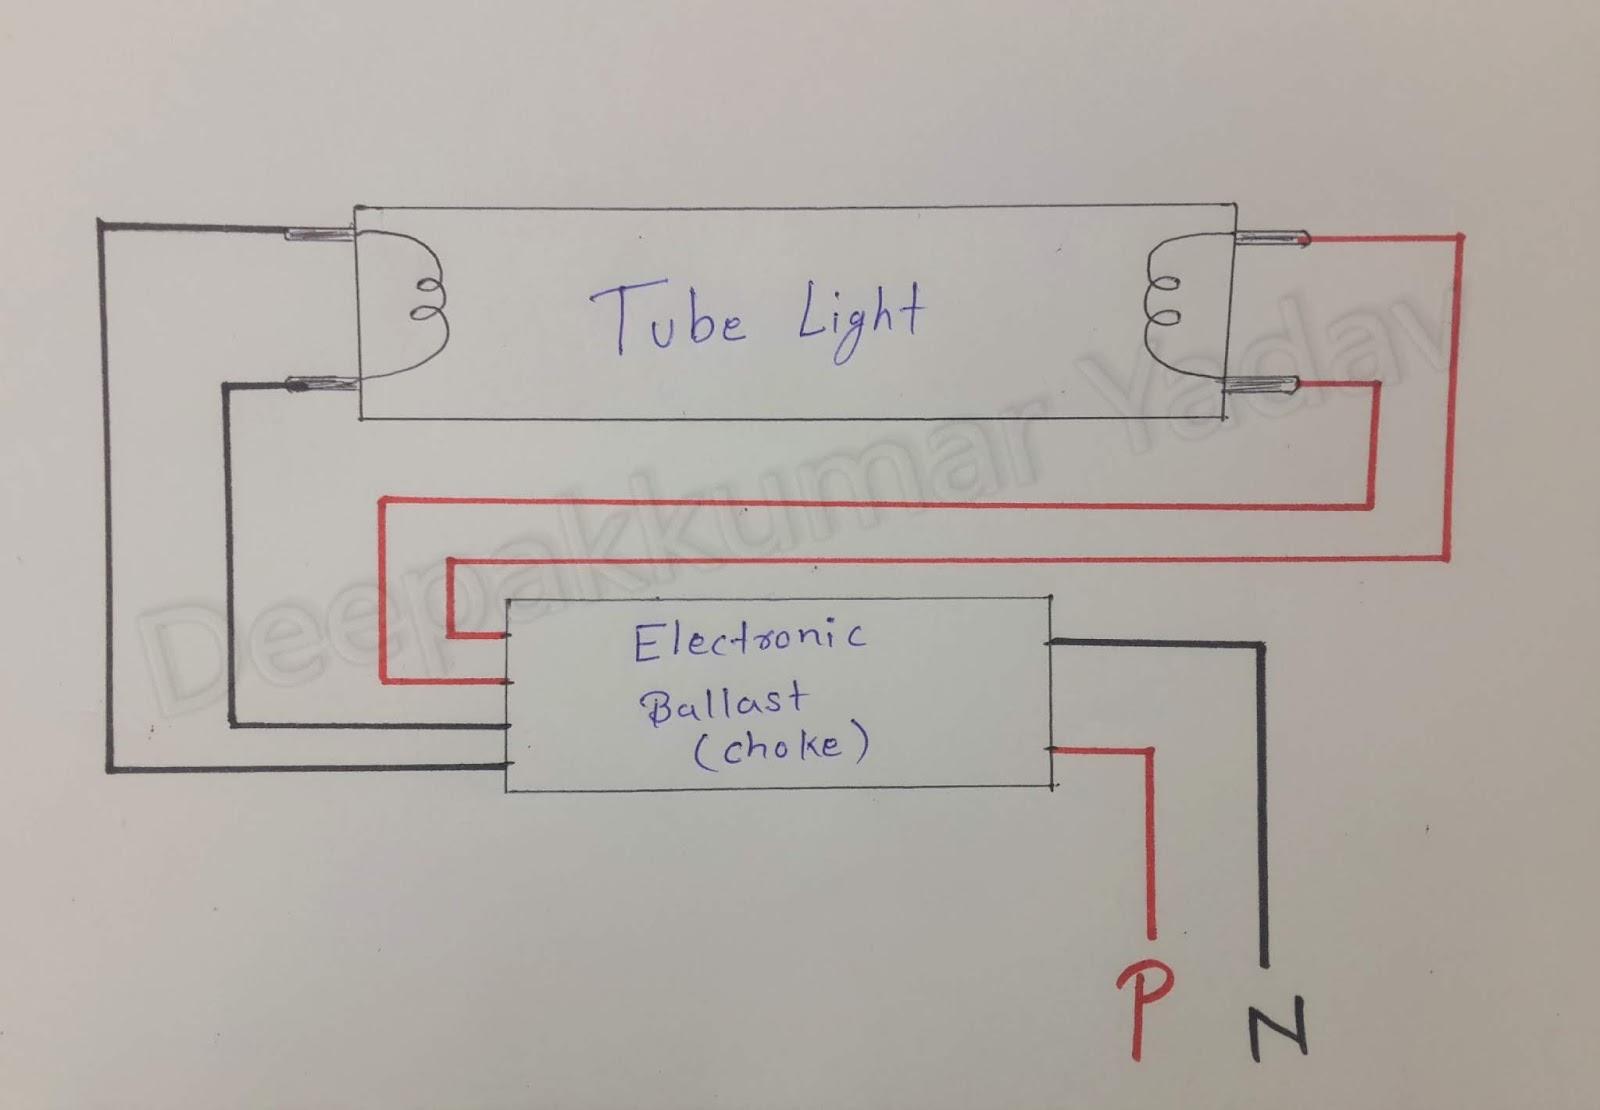 Deepakkumar Yadav  How Does A Fluorescent Tube Light Work